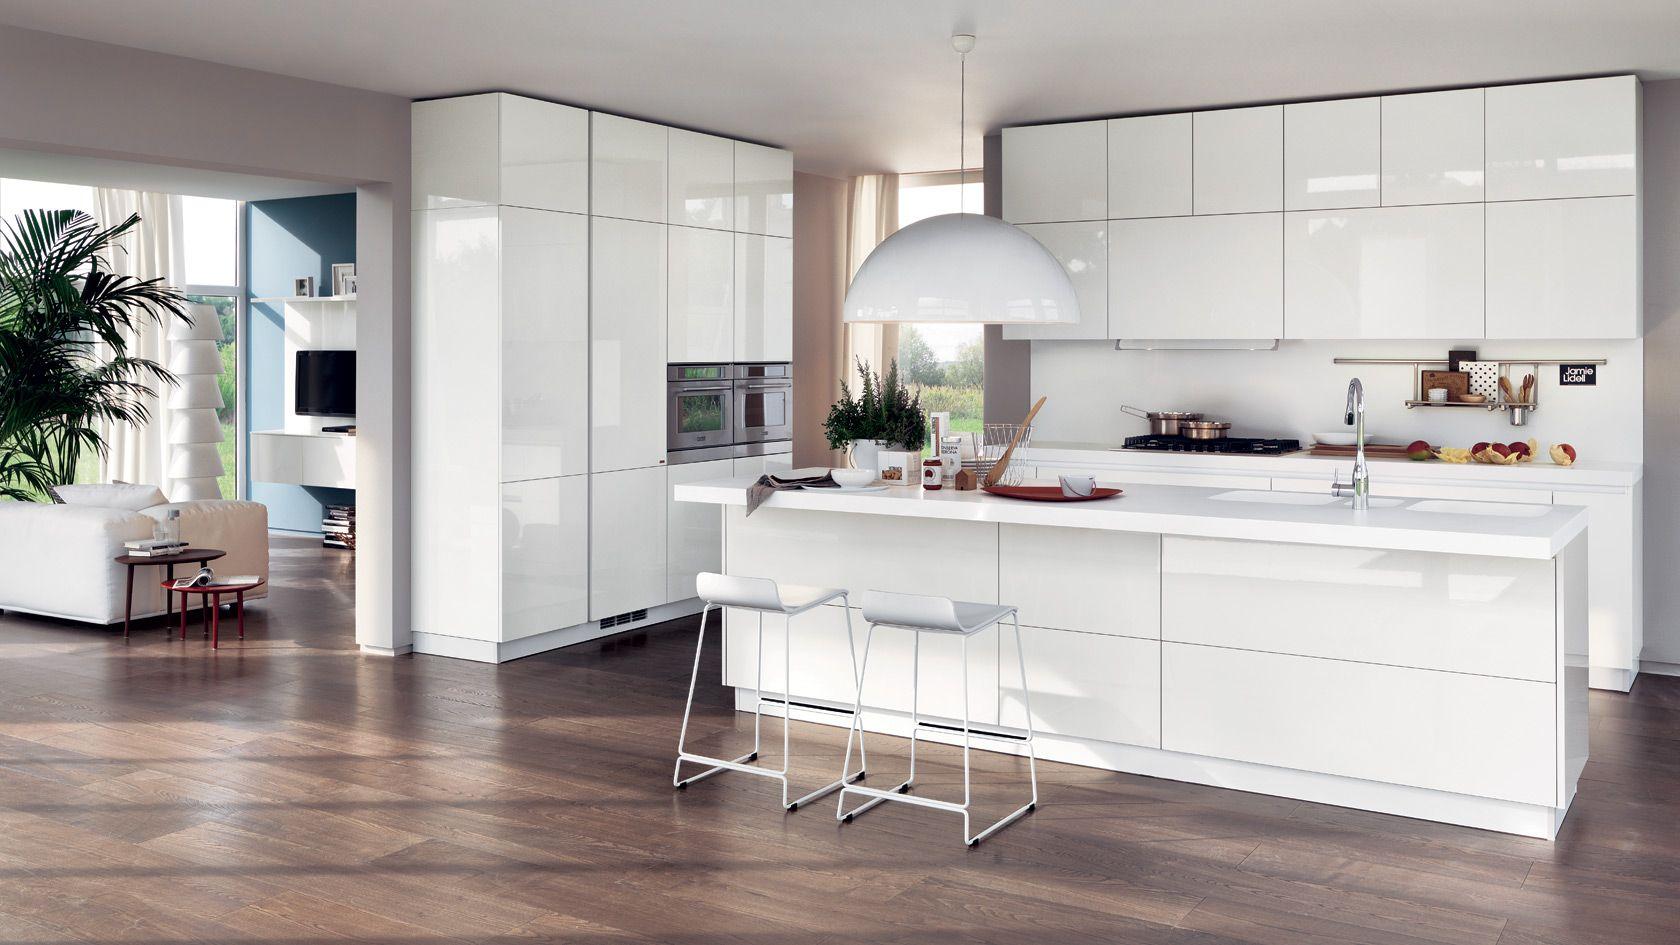 Appartamento Confortevole E Luminoso: Esempio Di Progetto Online